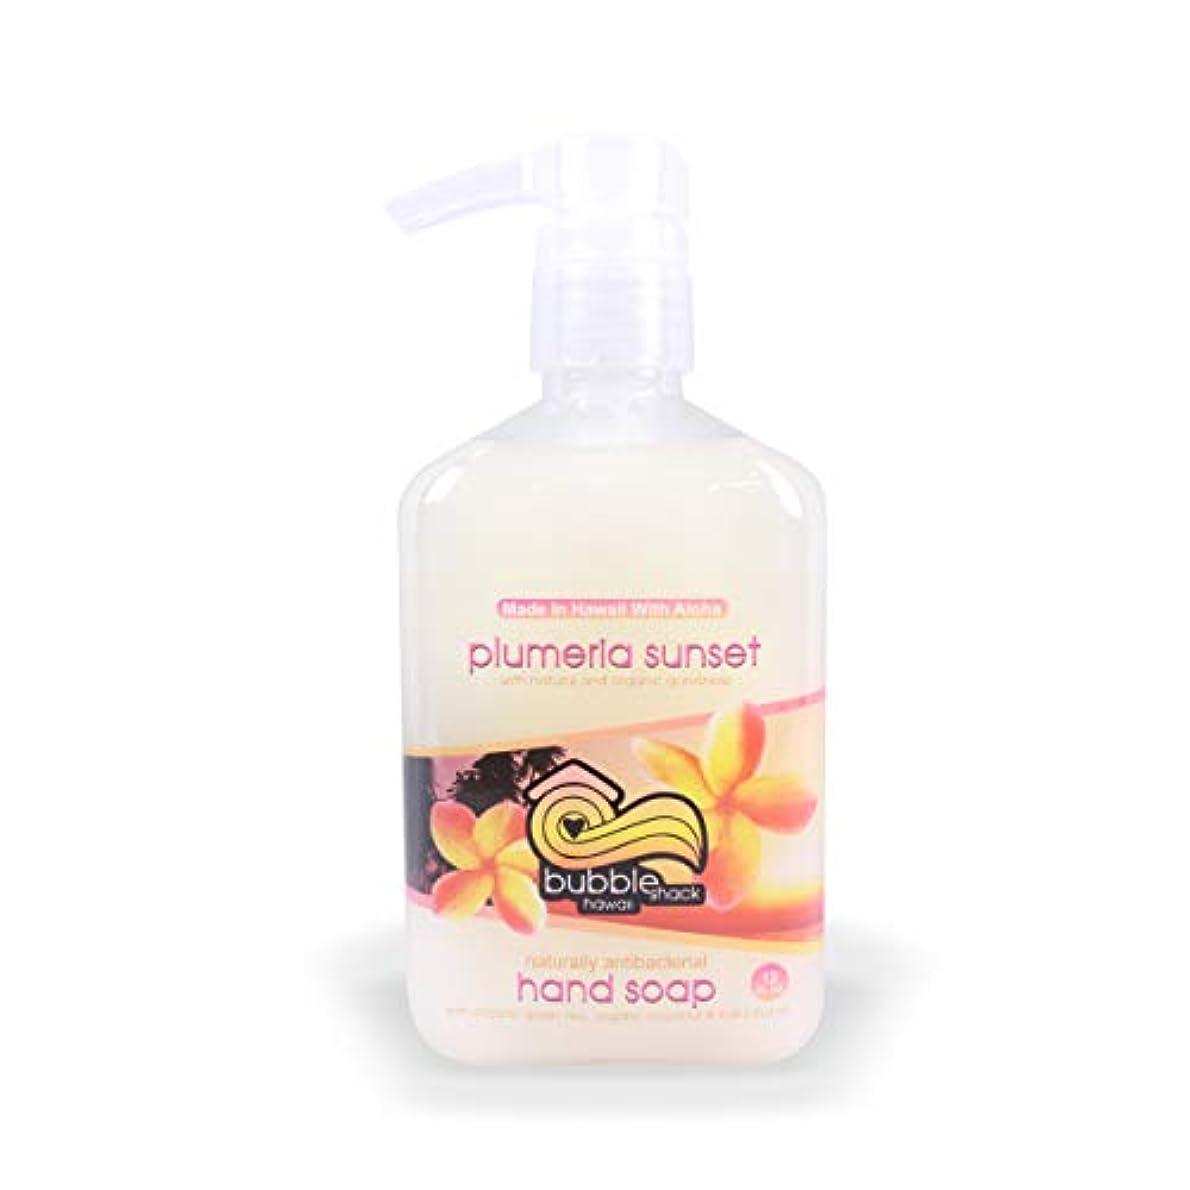 つかの間有名人パニック【正規輸入品】 バブルシャック?ハワイ Bubble shack Hand Soap ハンドソープ plumeria sunset プルメリアサンセット 340ml